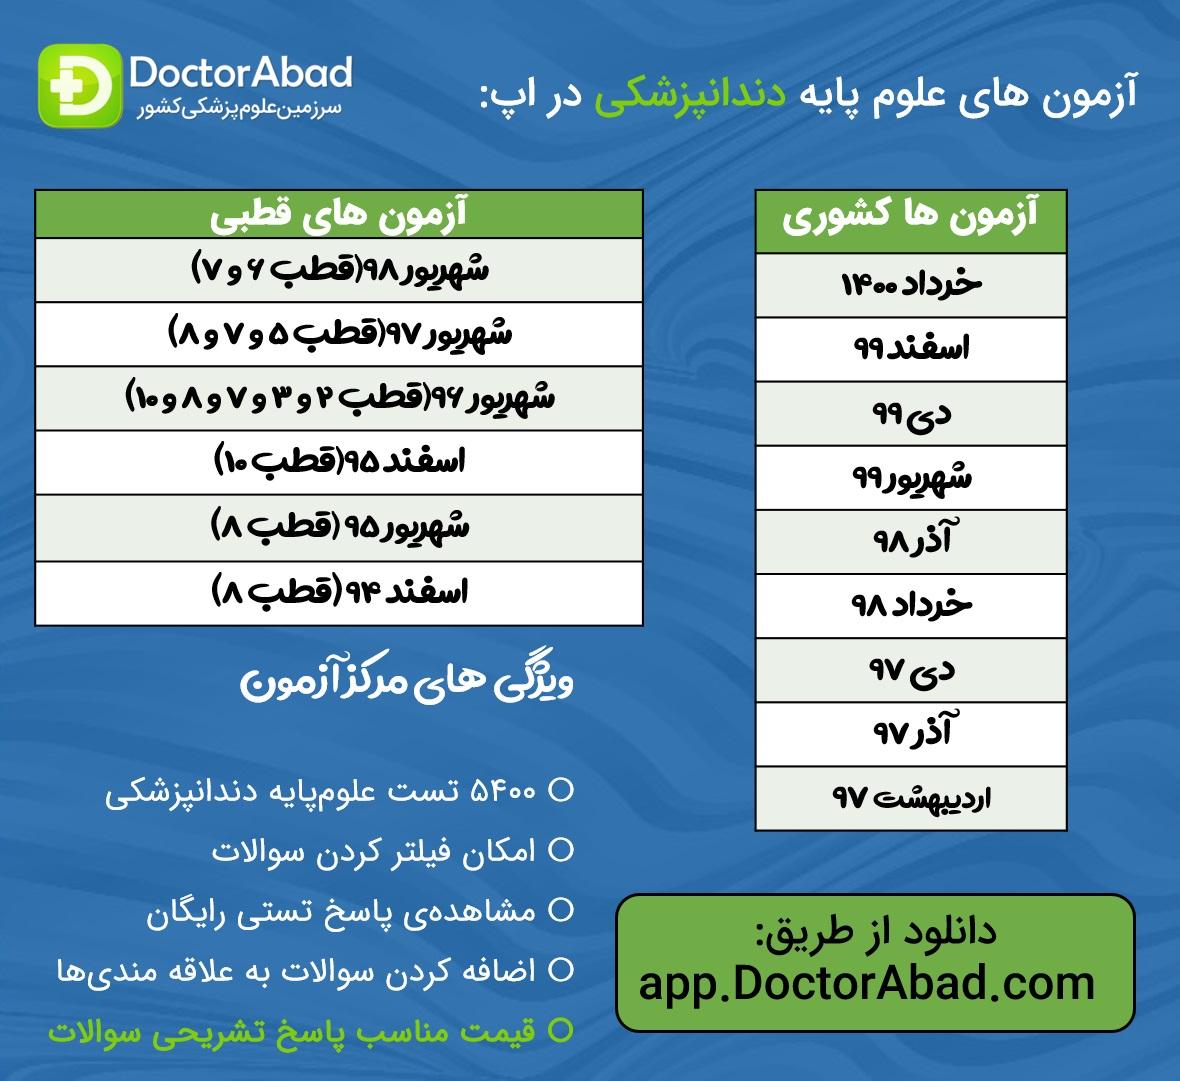 آزمون های علوم پایه دندانپزشکی موجود در اپلیکیشن دکتر آباد